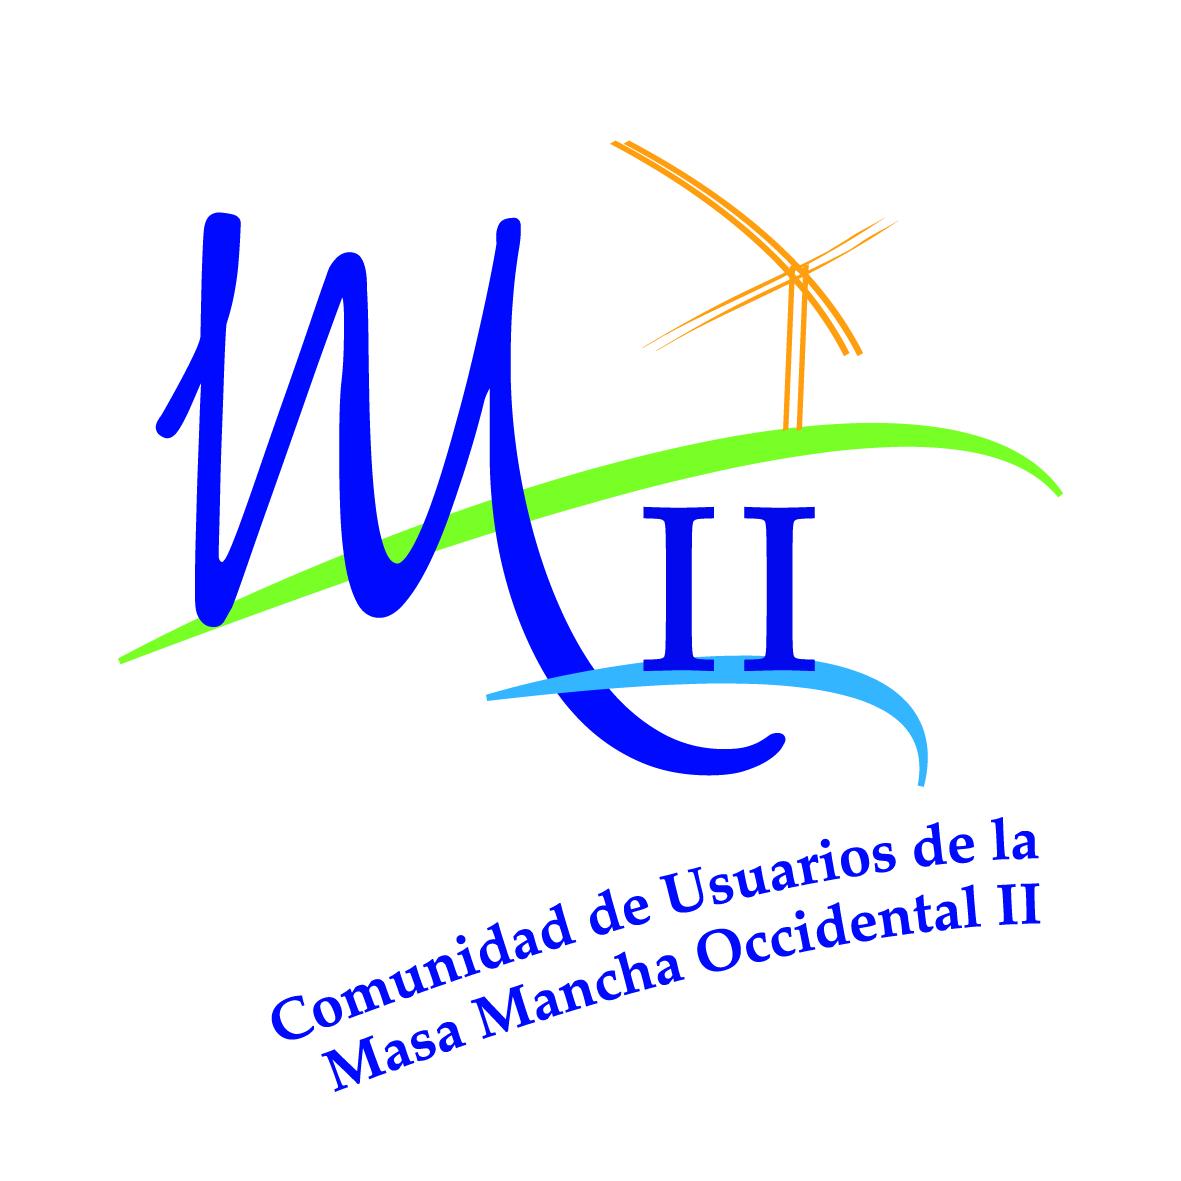 CUAS Mancha Occidental II informa sobre Cuotas 2020